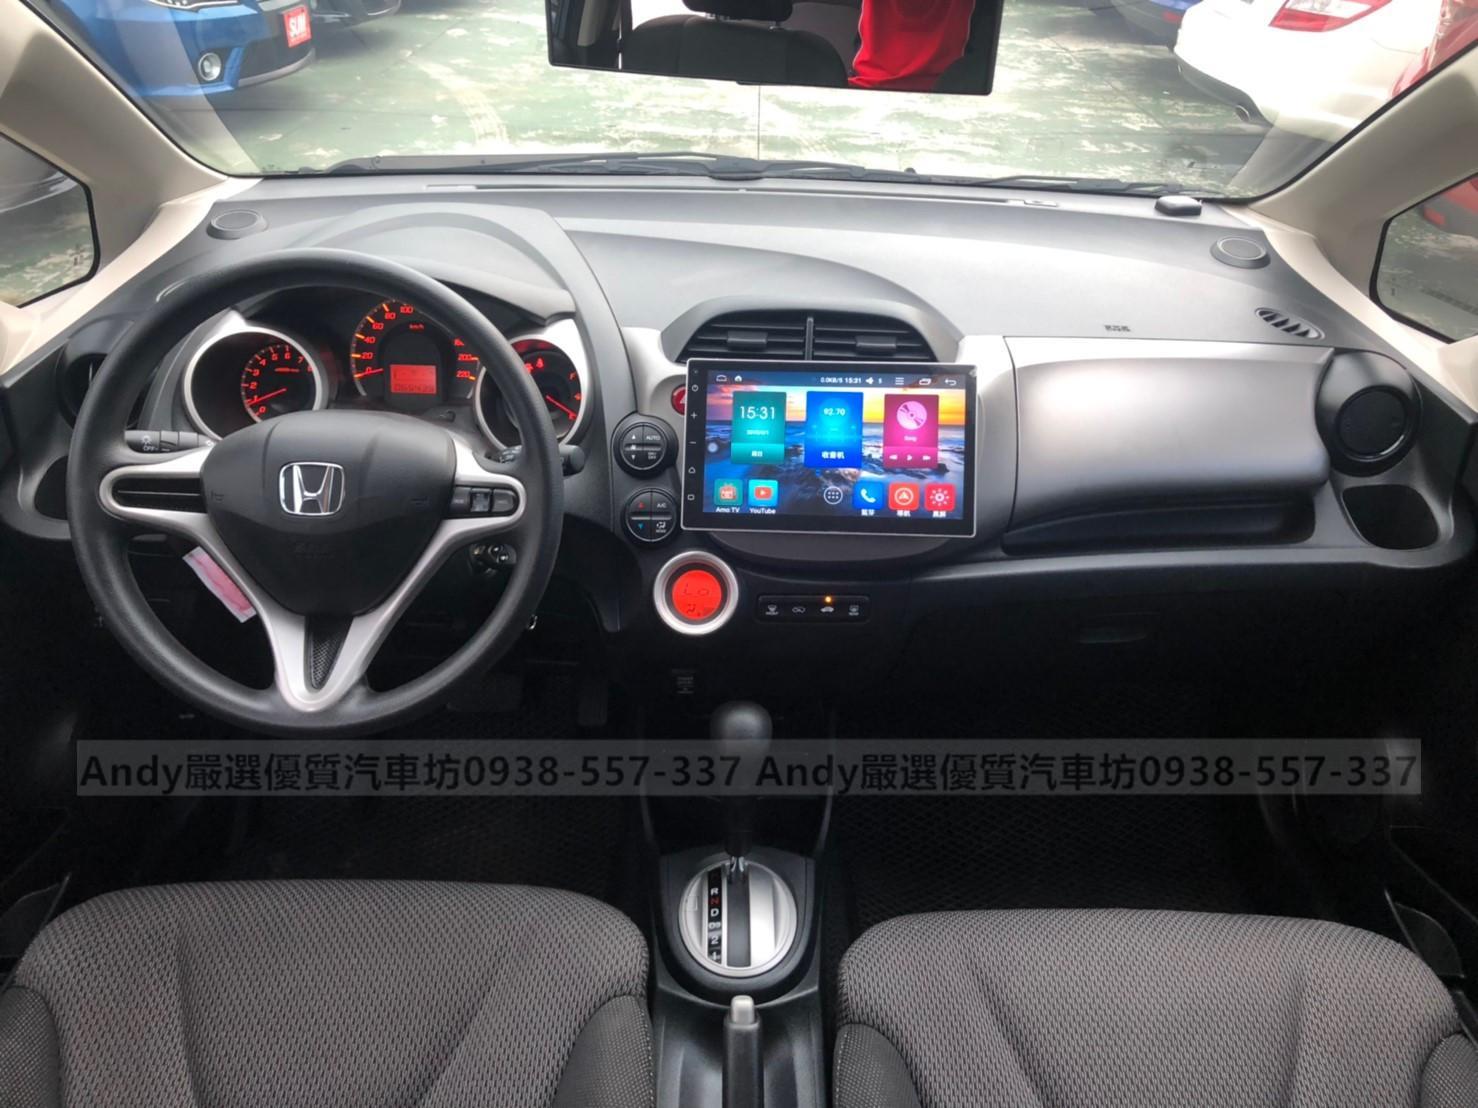 2014年 FIT 灰 1.5 熱門車中古車二手車